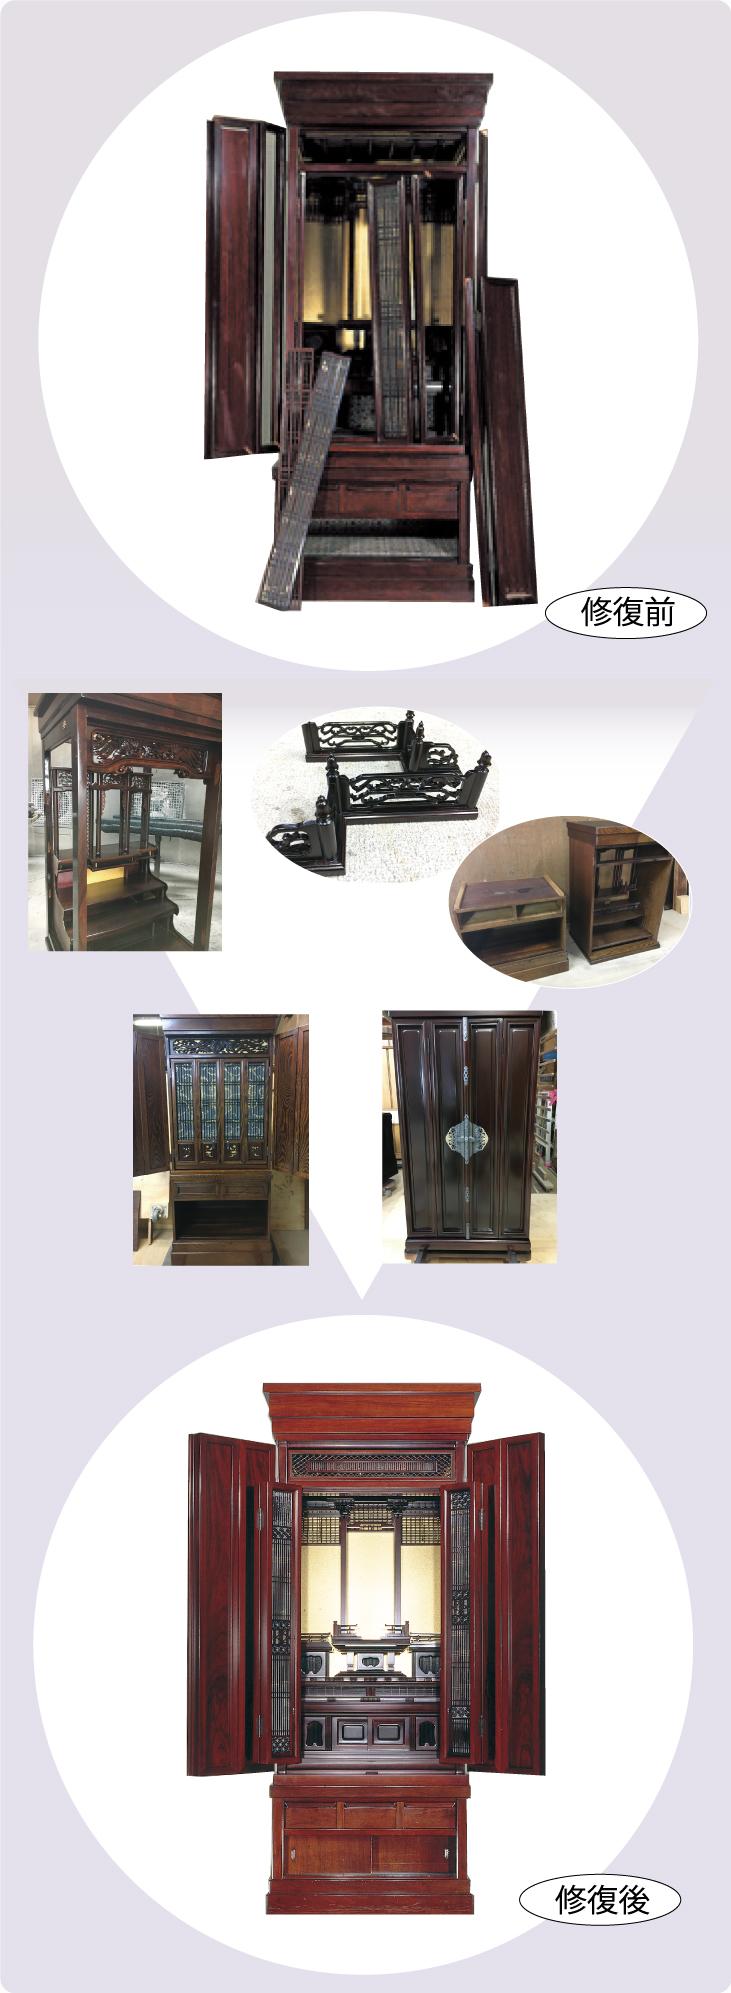 唐木お仏壇の修復例